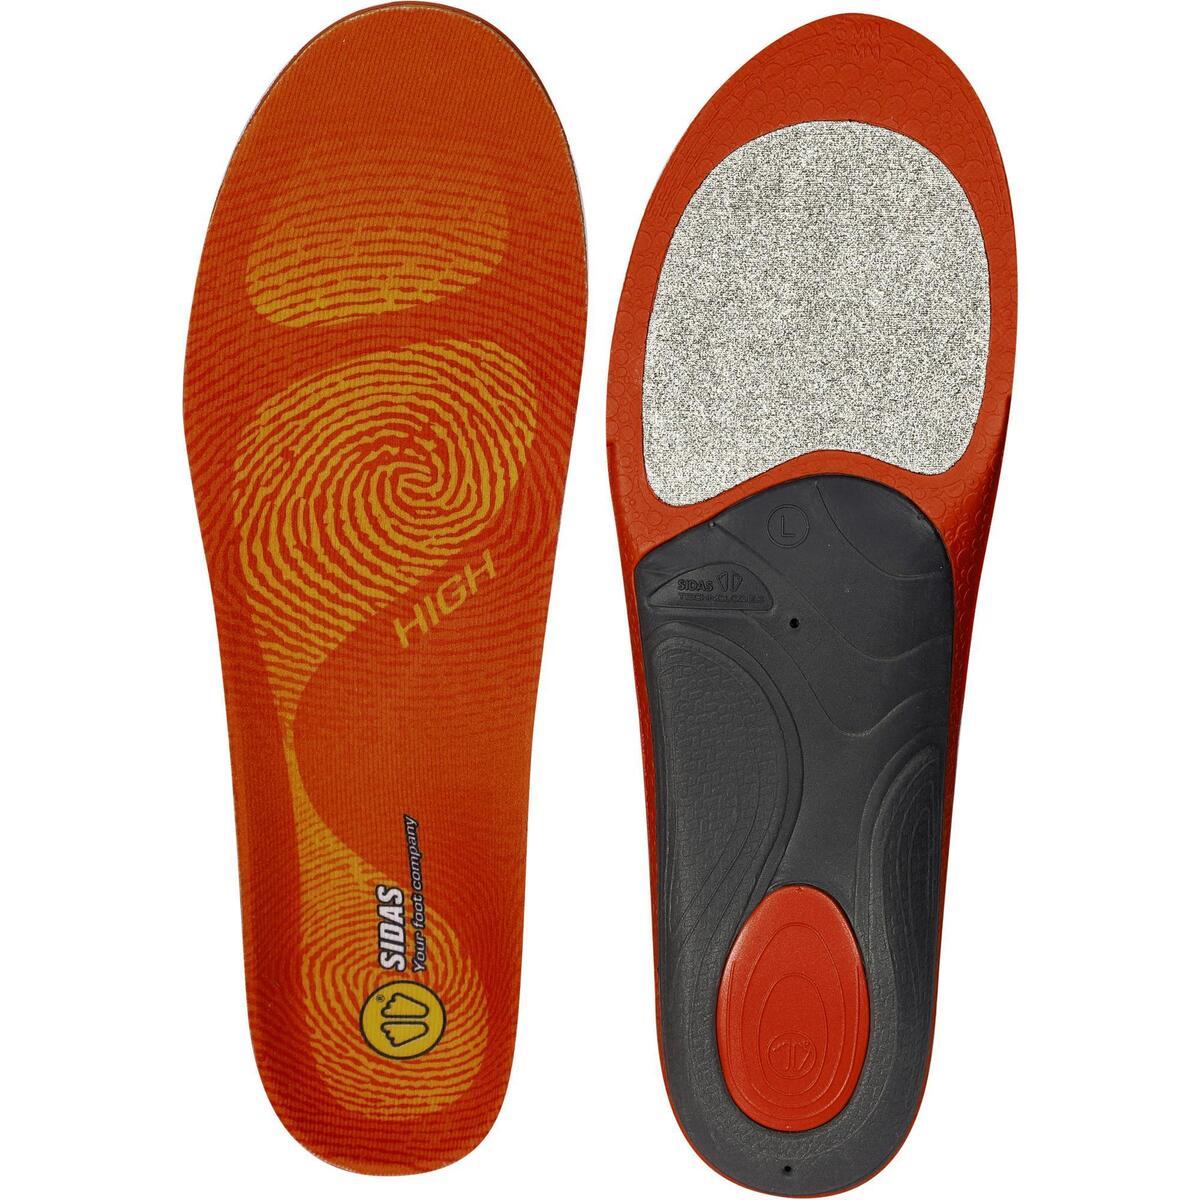 Bild 2 von Skischuhe Einlegesohlen starke Fußwölbungen